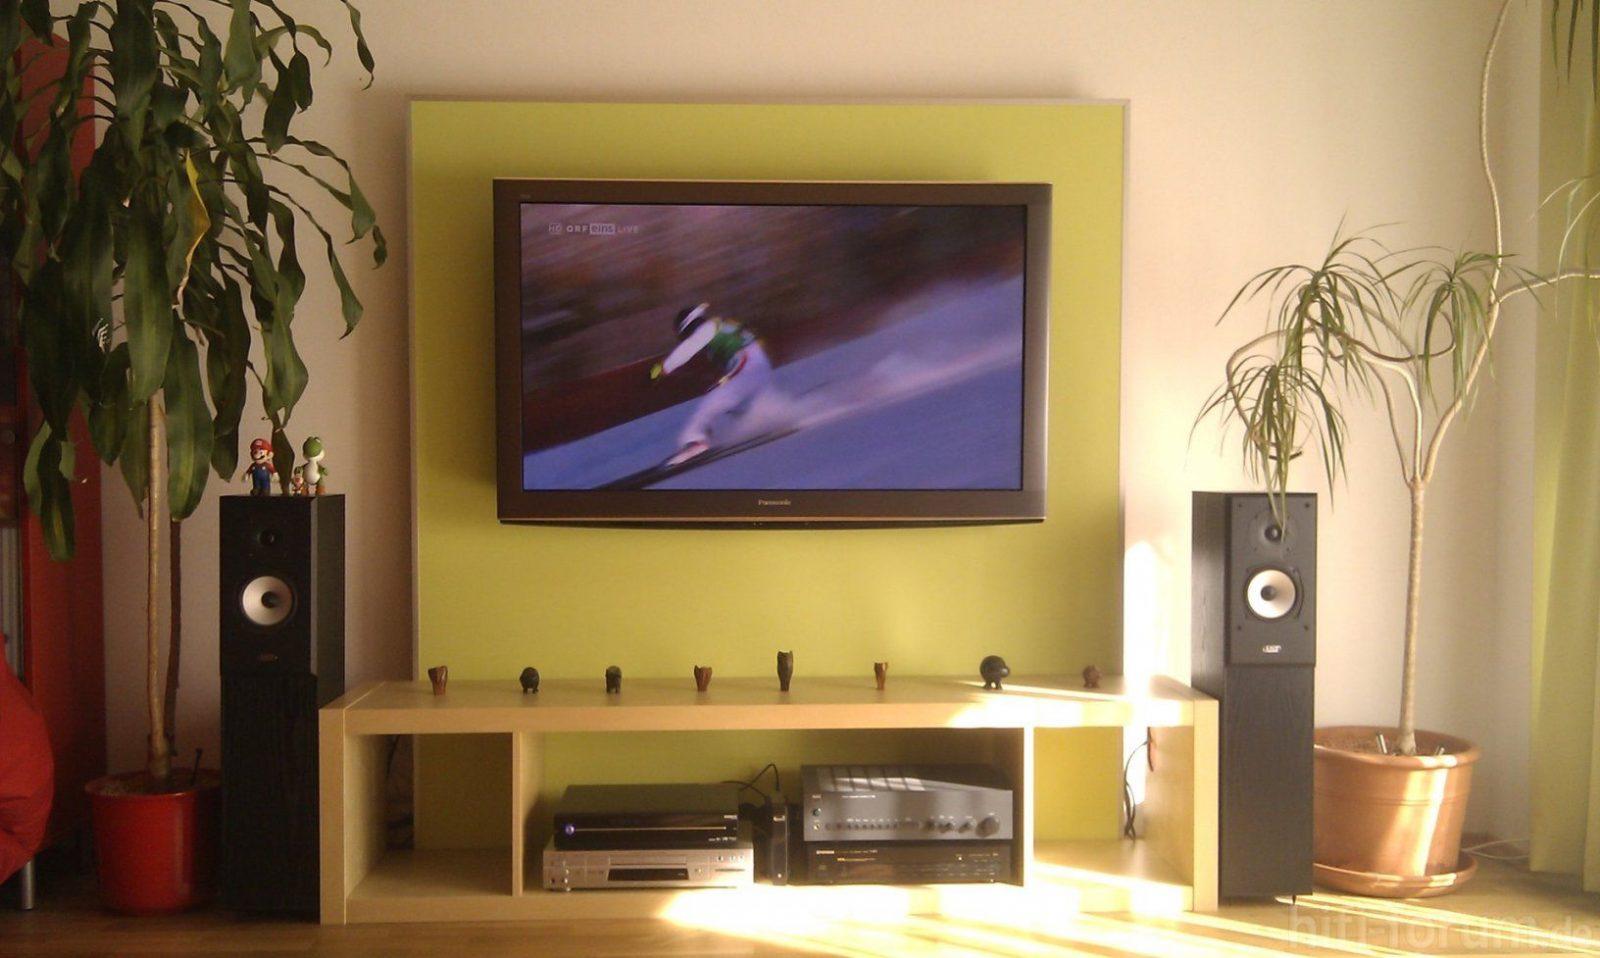 Wandhalterung Tv Kabel Verstecken Mit Fernseher An Der Wand von Wand Tv Kabel Verstecken Photo